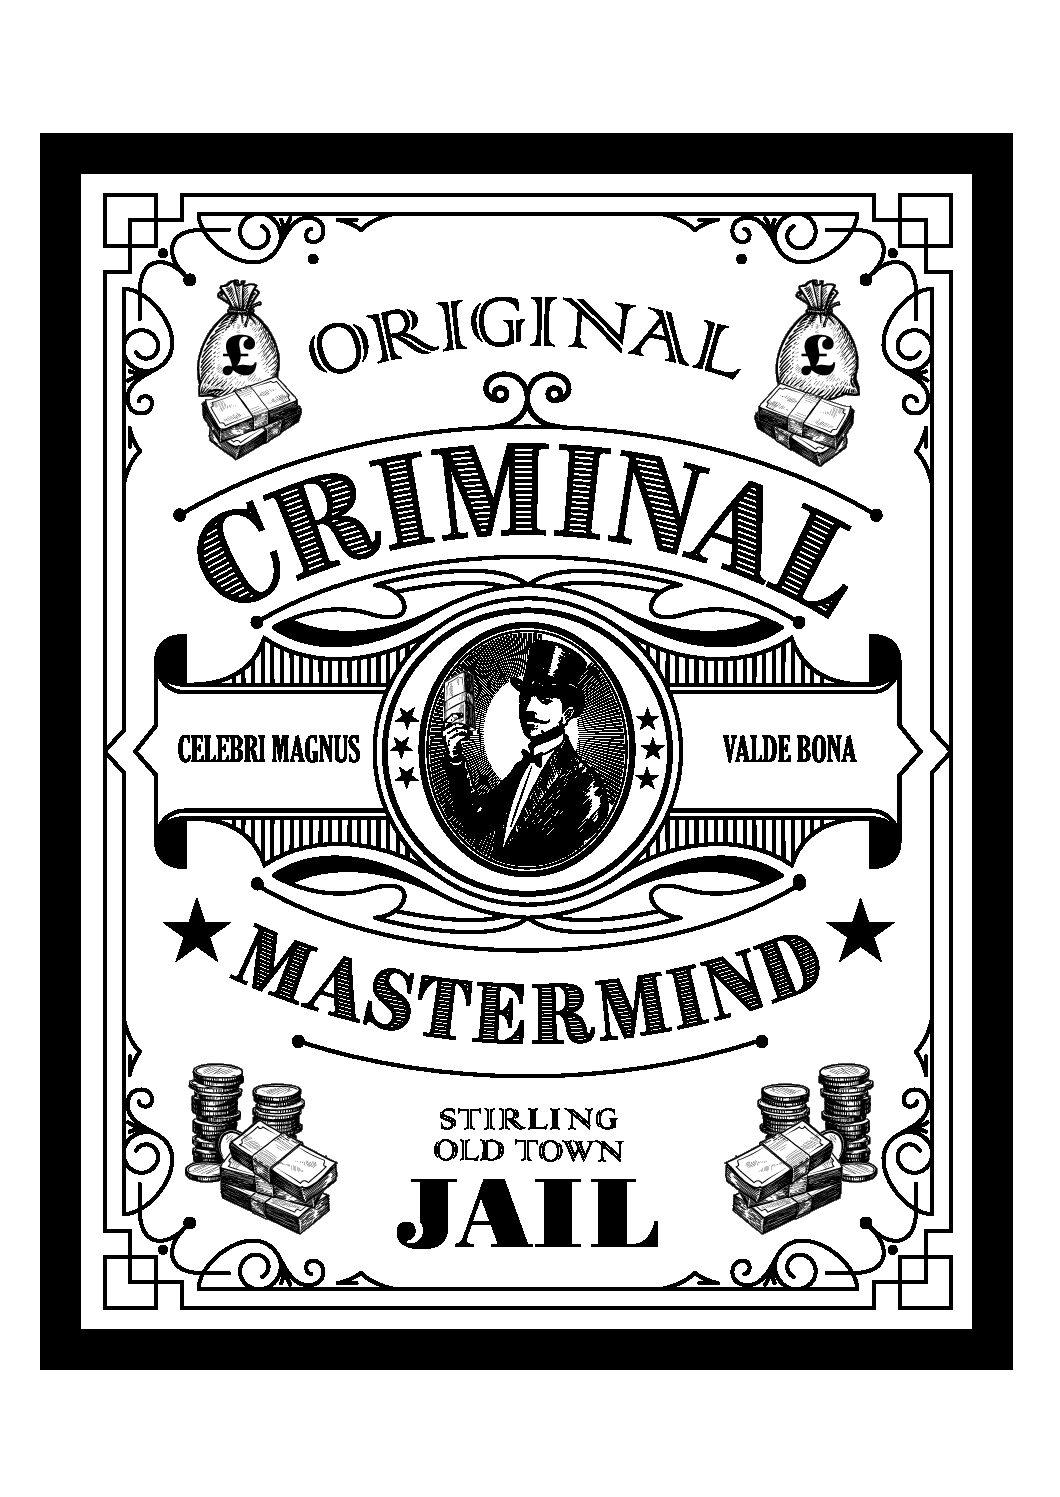 https://oldtownjail.co.uk/wp-content/uploads/2021/03/Criminal-Mastermind-Tee-pdf.jpg